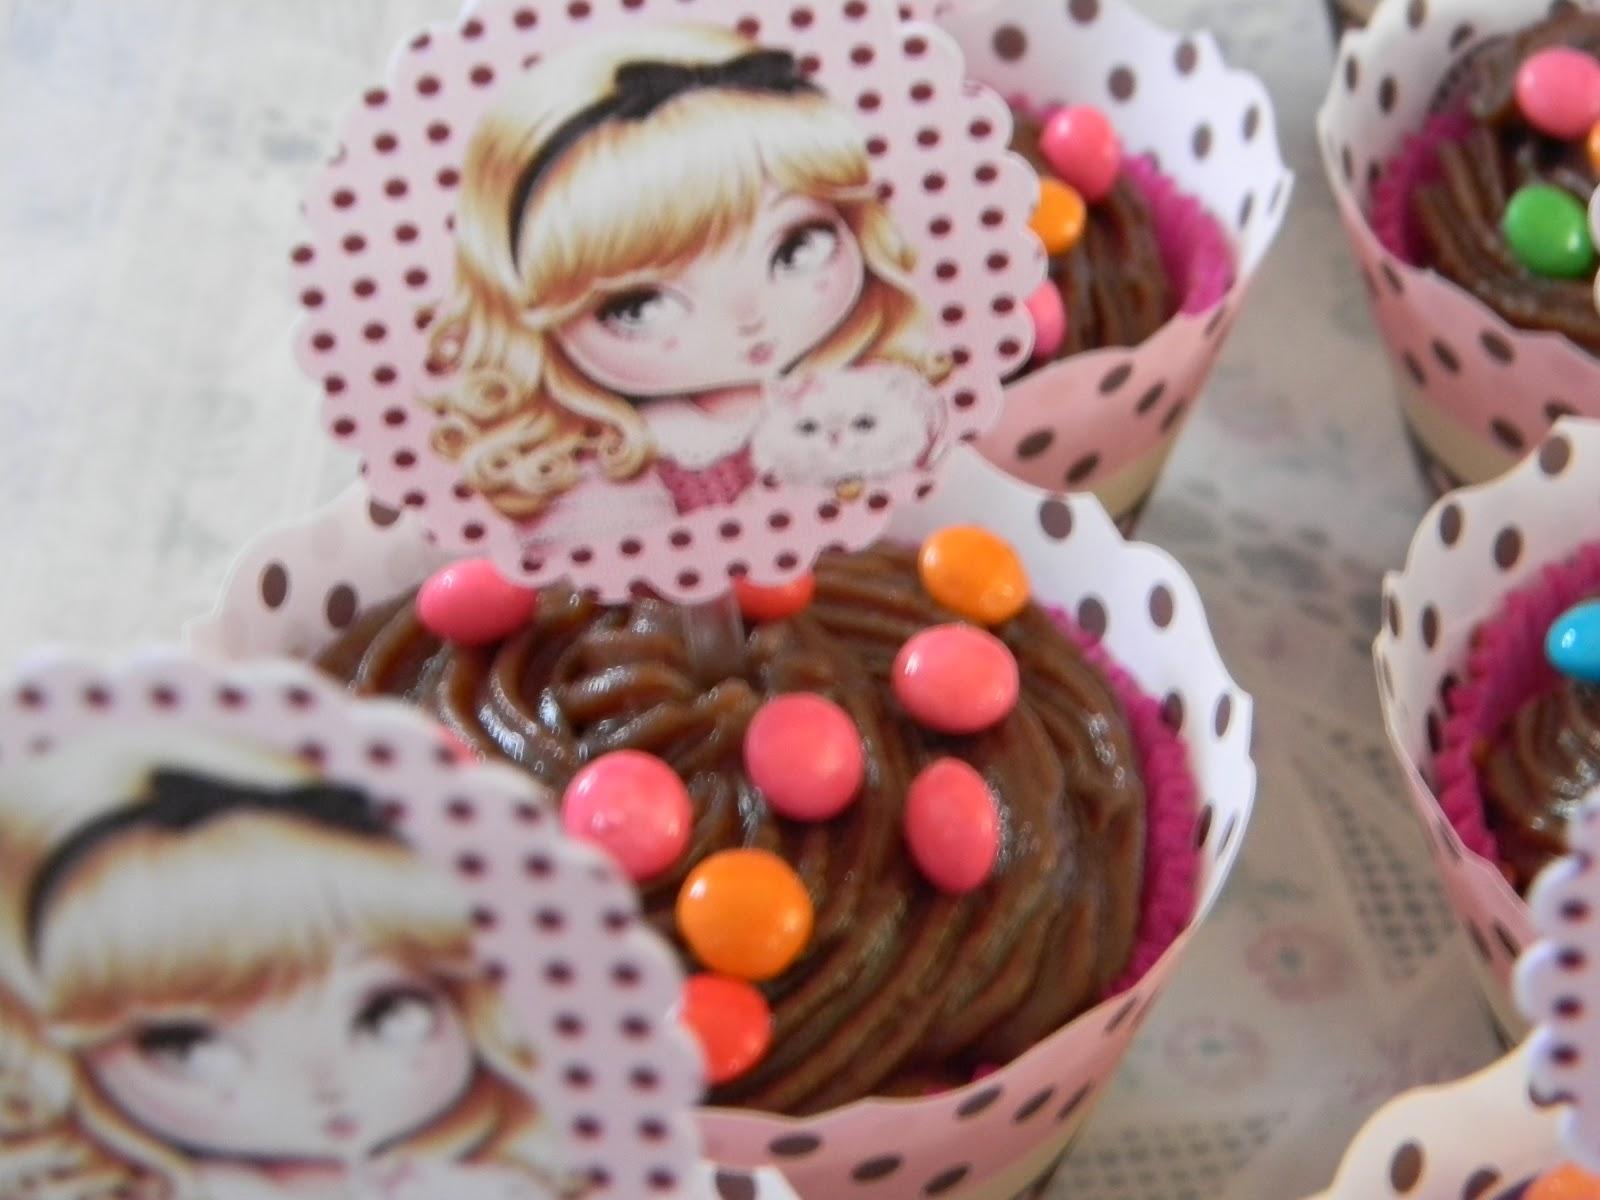 Ari dny cupcakes jolie - Jolie cupcake ...